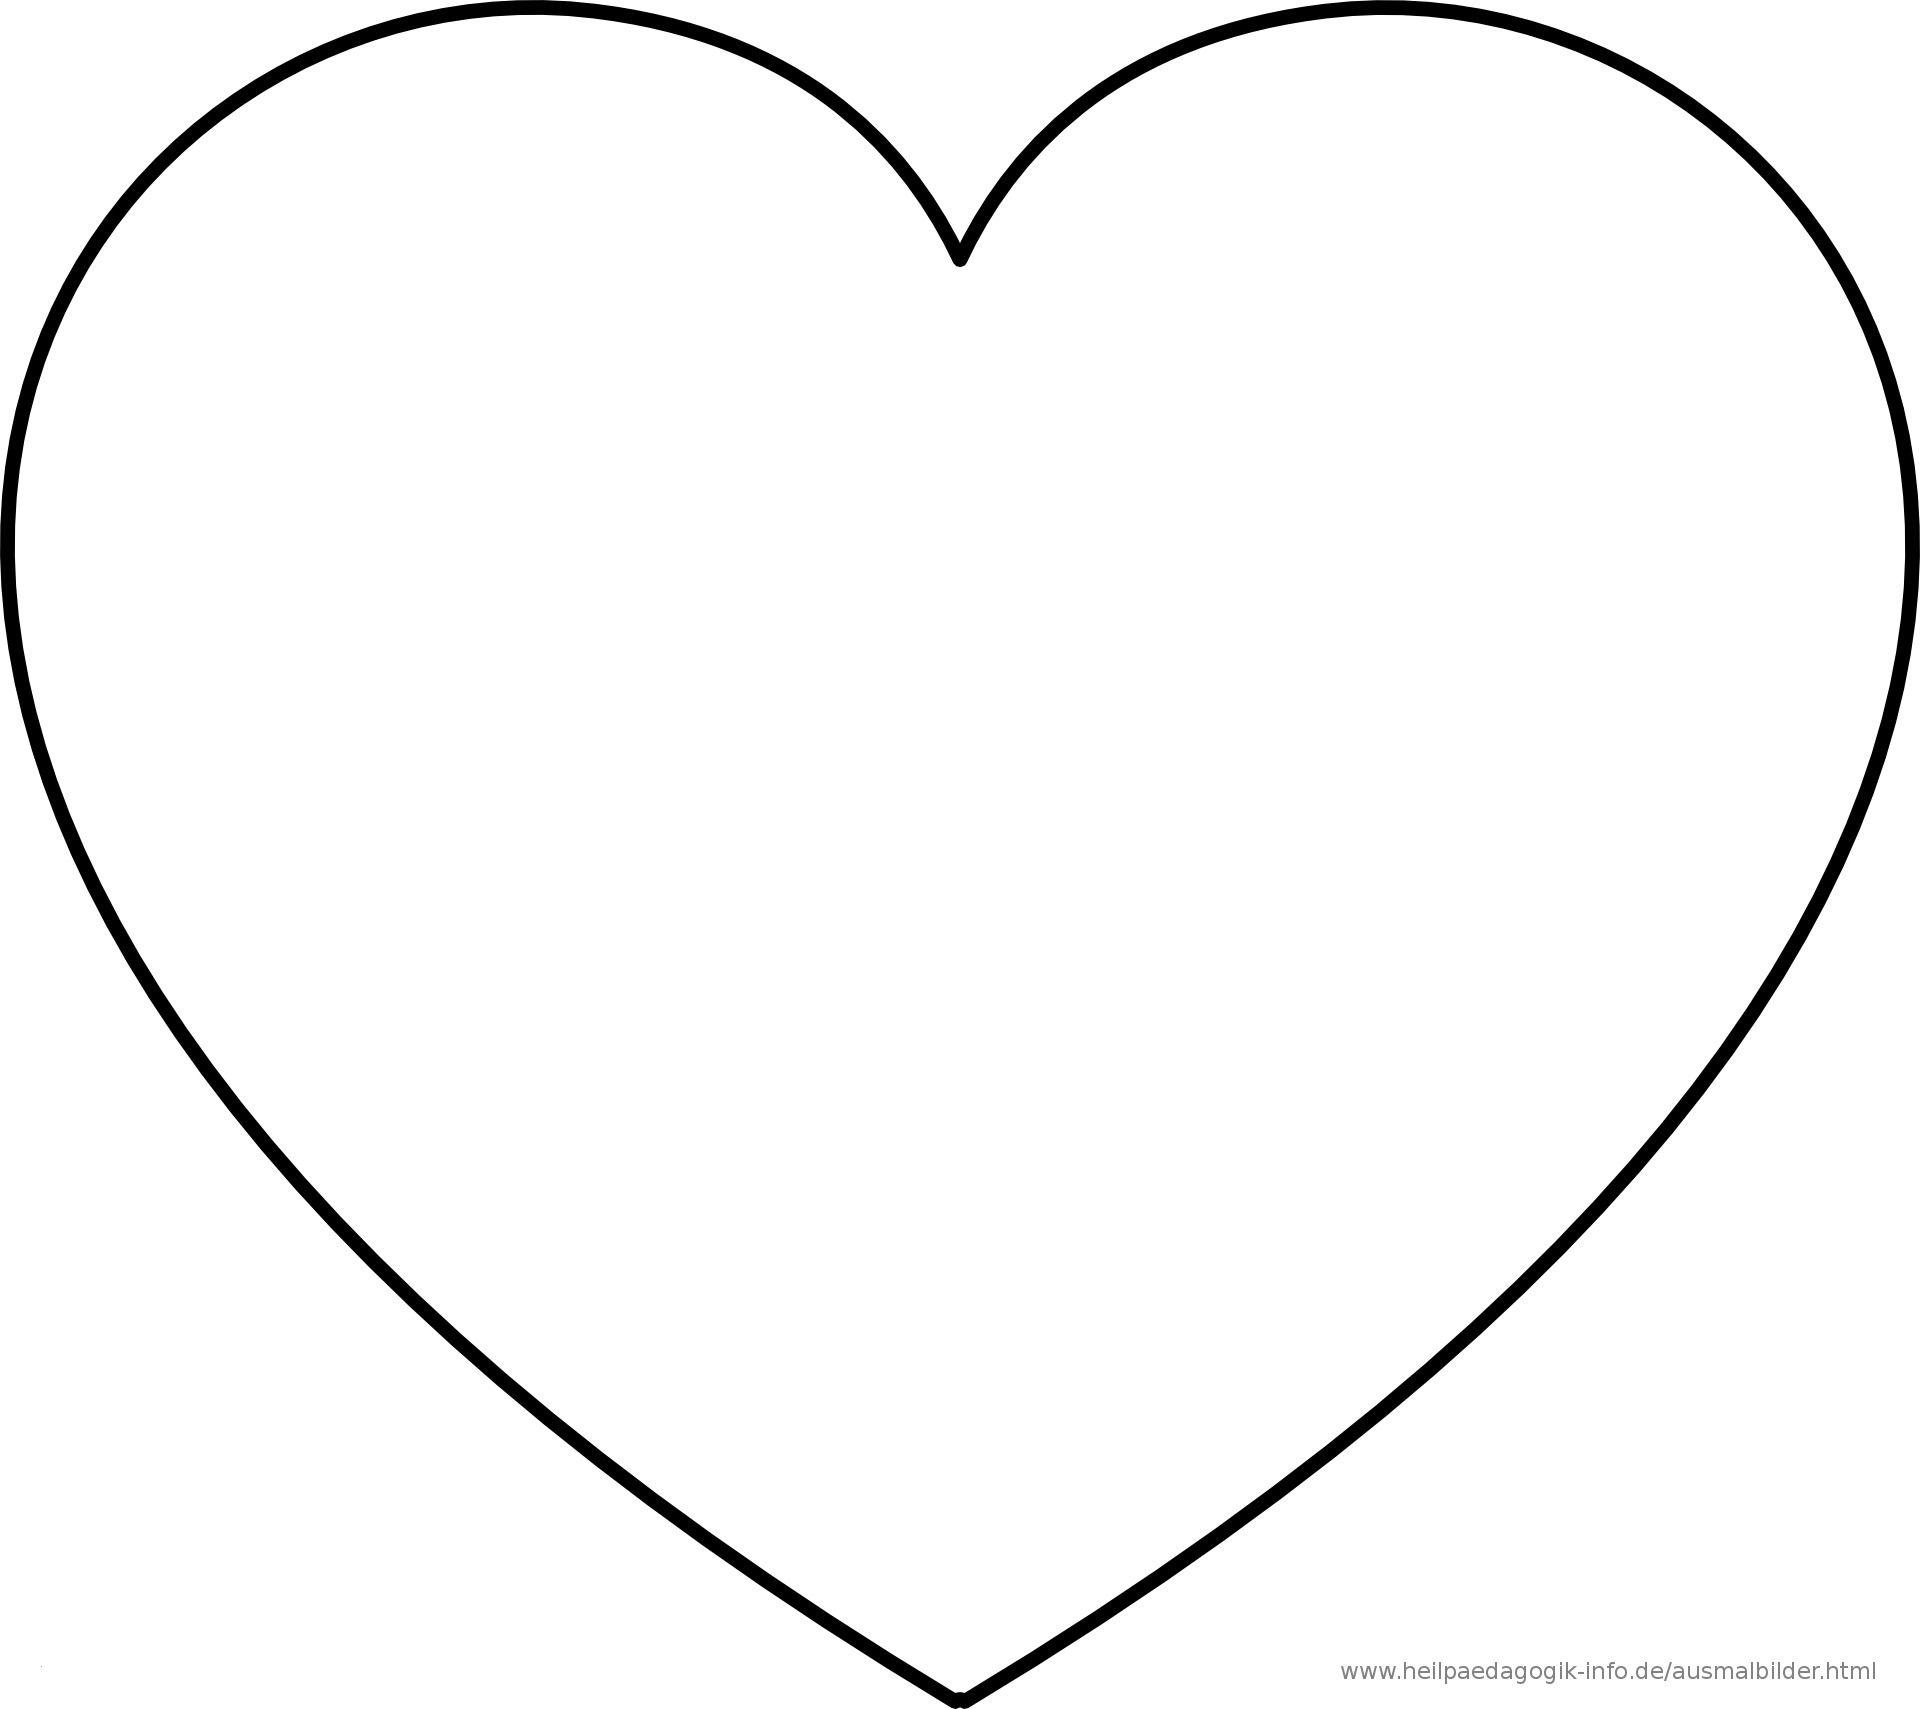 Ausmalbilder Zum Ausdrucken Herzen Inspirierend Herz Malvorlagen